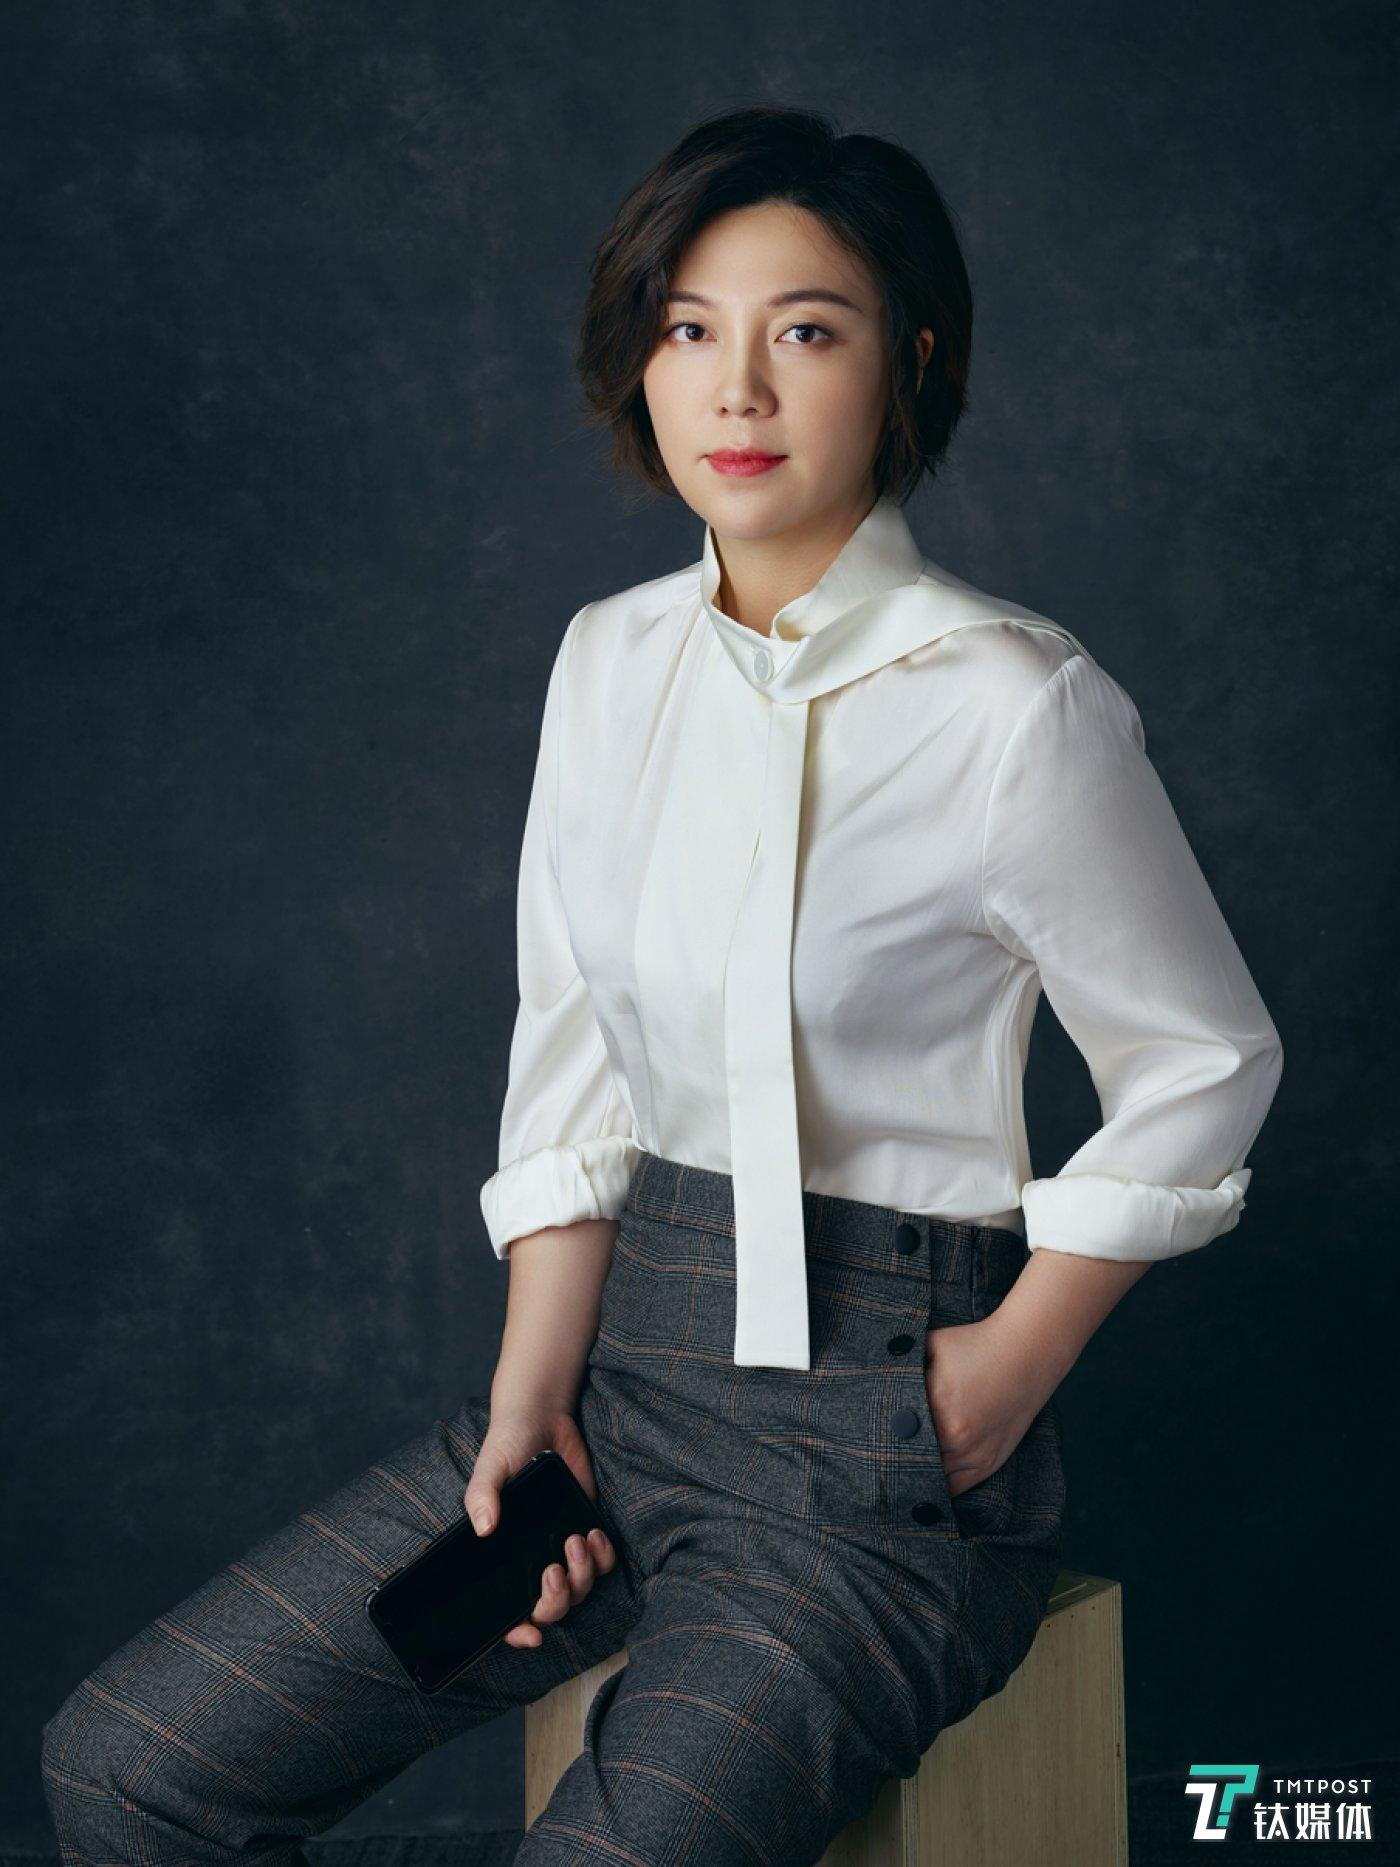 加入字节跳动之前,张楠是一名互联网创业者。